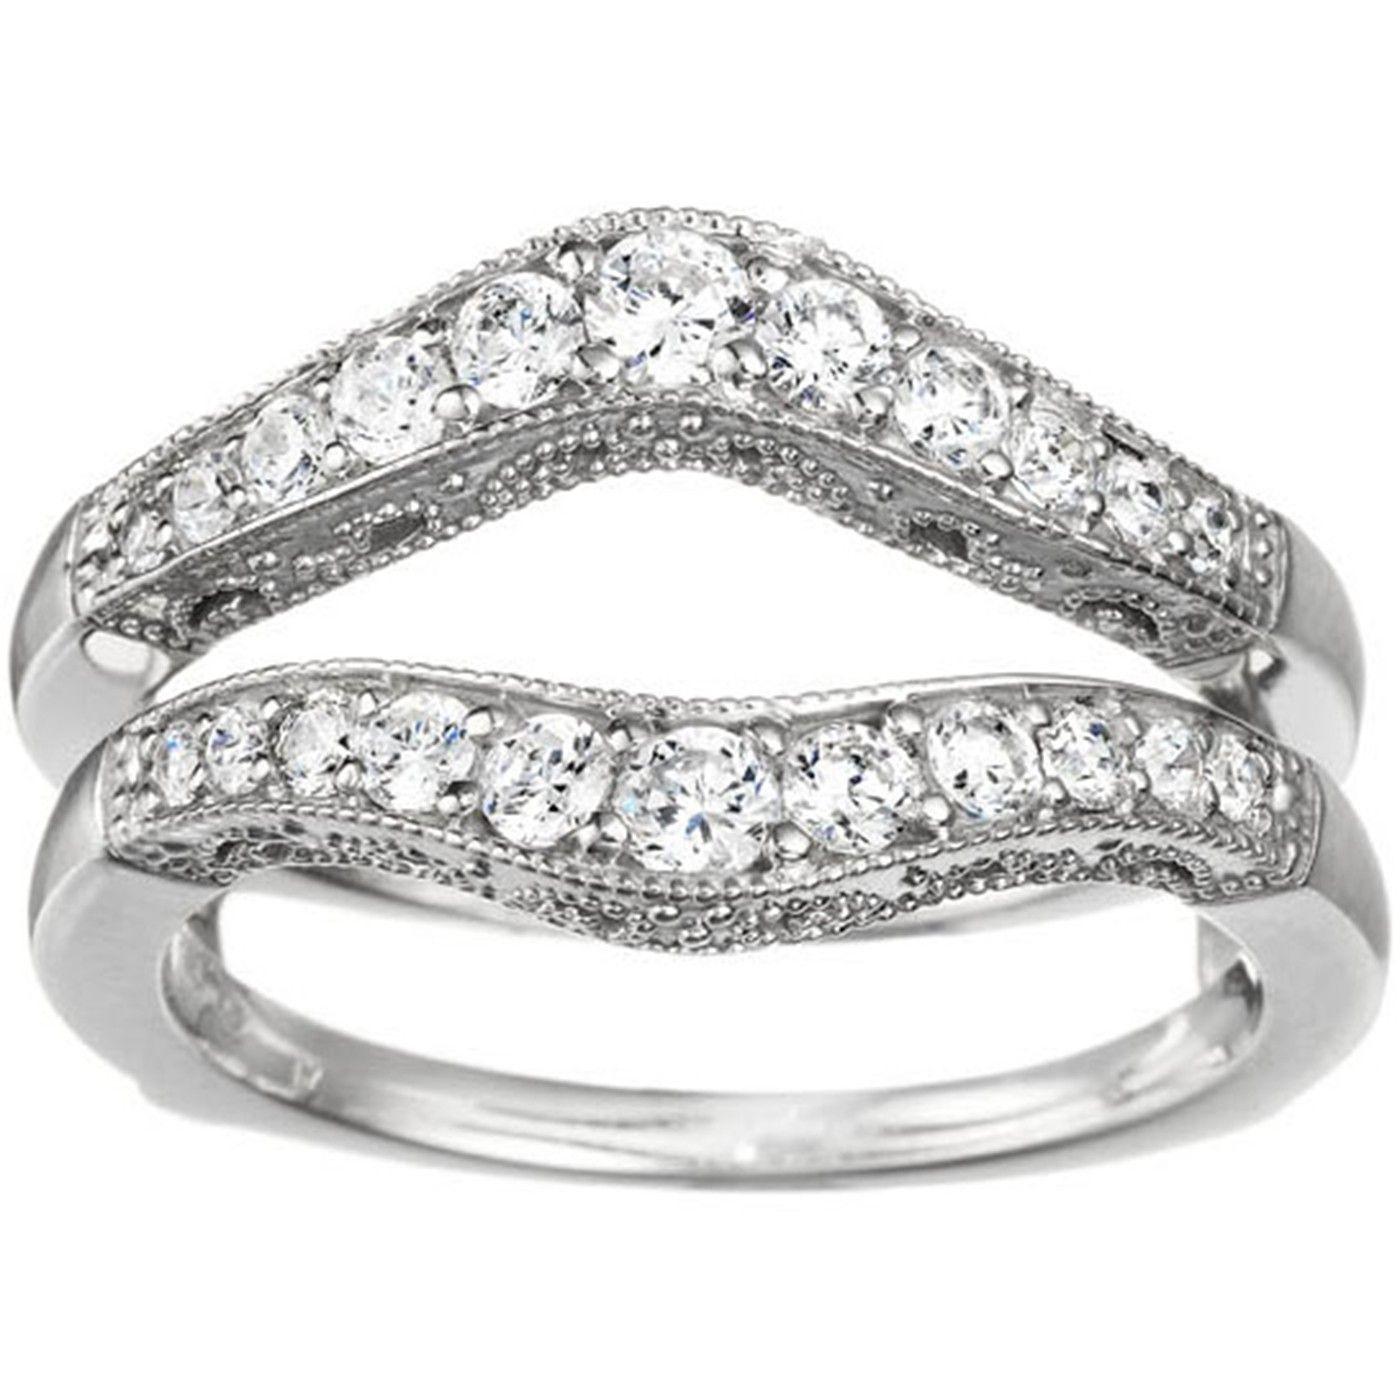 Filigree ring guard 76 carat vintage rings